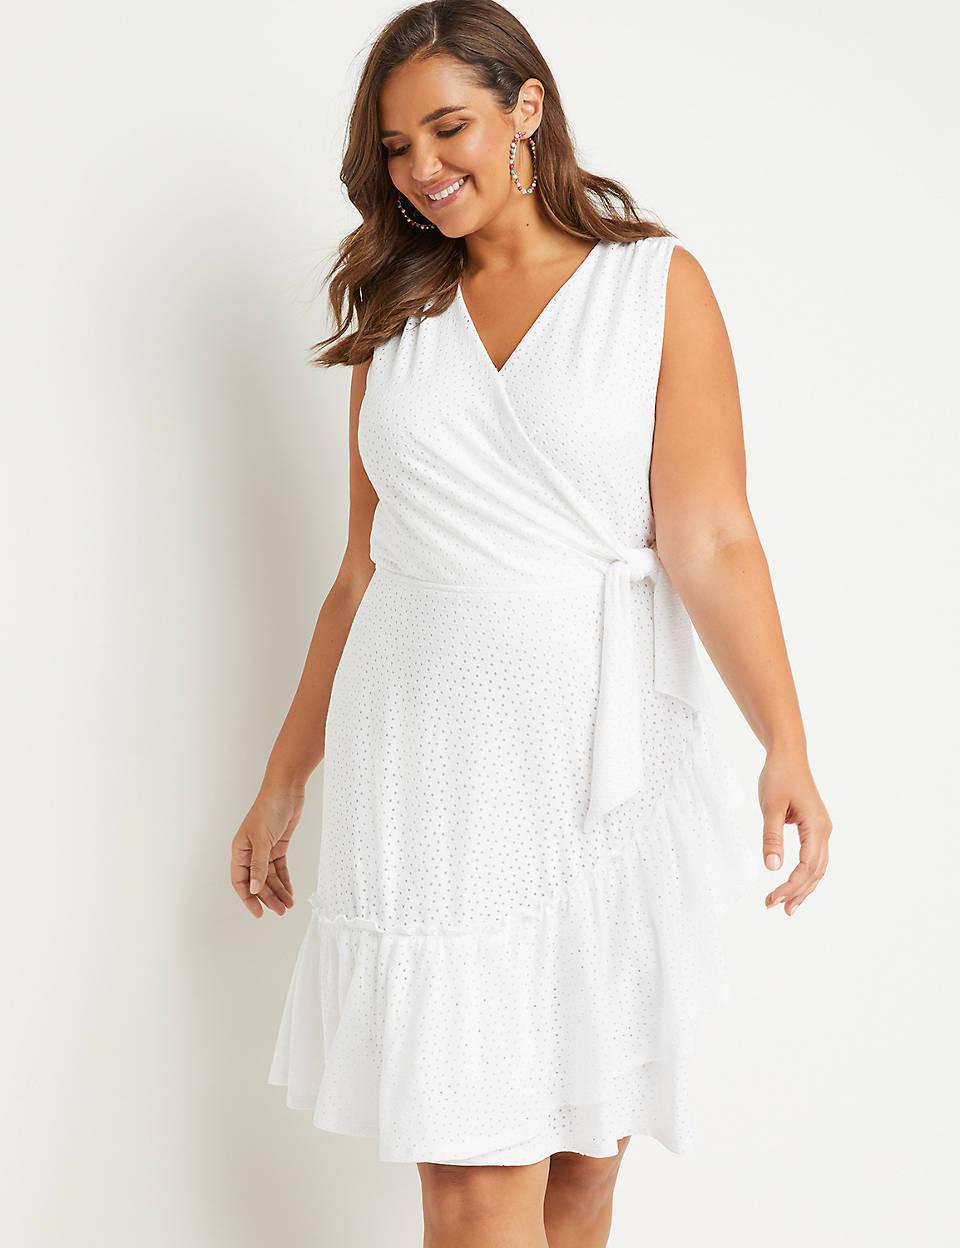 d6316d33970 Eyelet Faux-Wrap Fit   Flare Dress